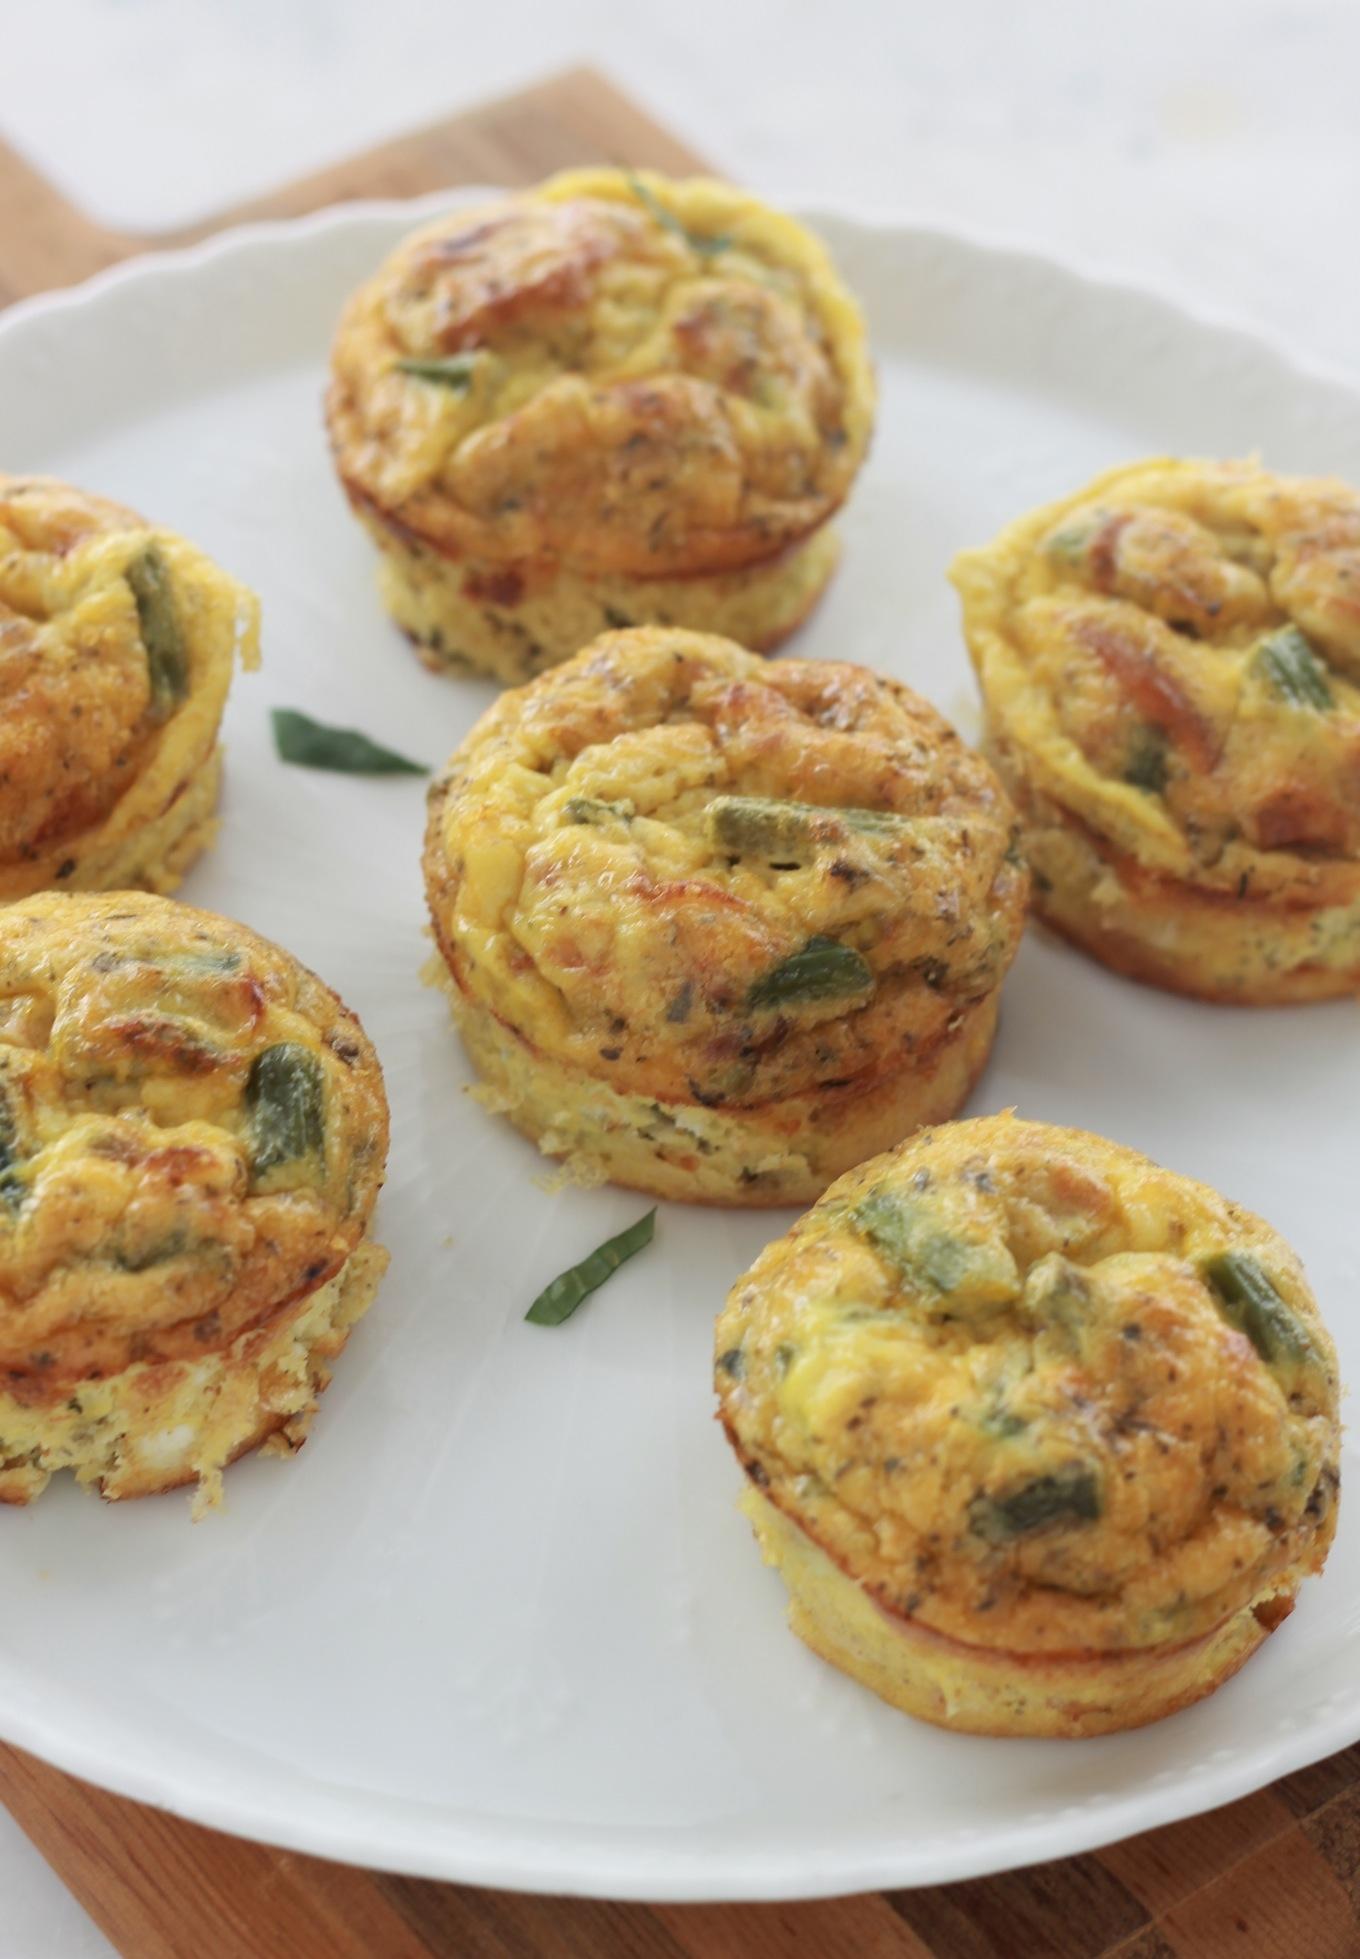 Délicieuses mini frittata aux asperges et tomates, un plat complet, simple et rapide. Cuisson dans un moule à muffin pour avoir des portions individuelles. / Cuisineculinaire.com